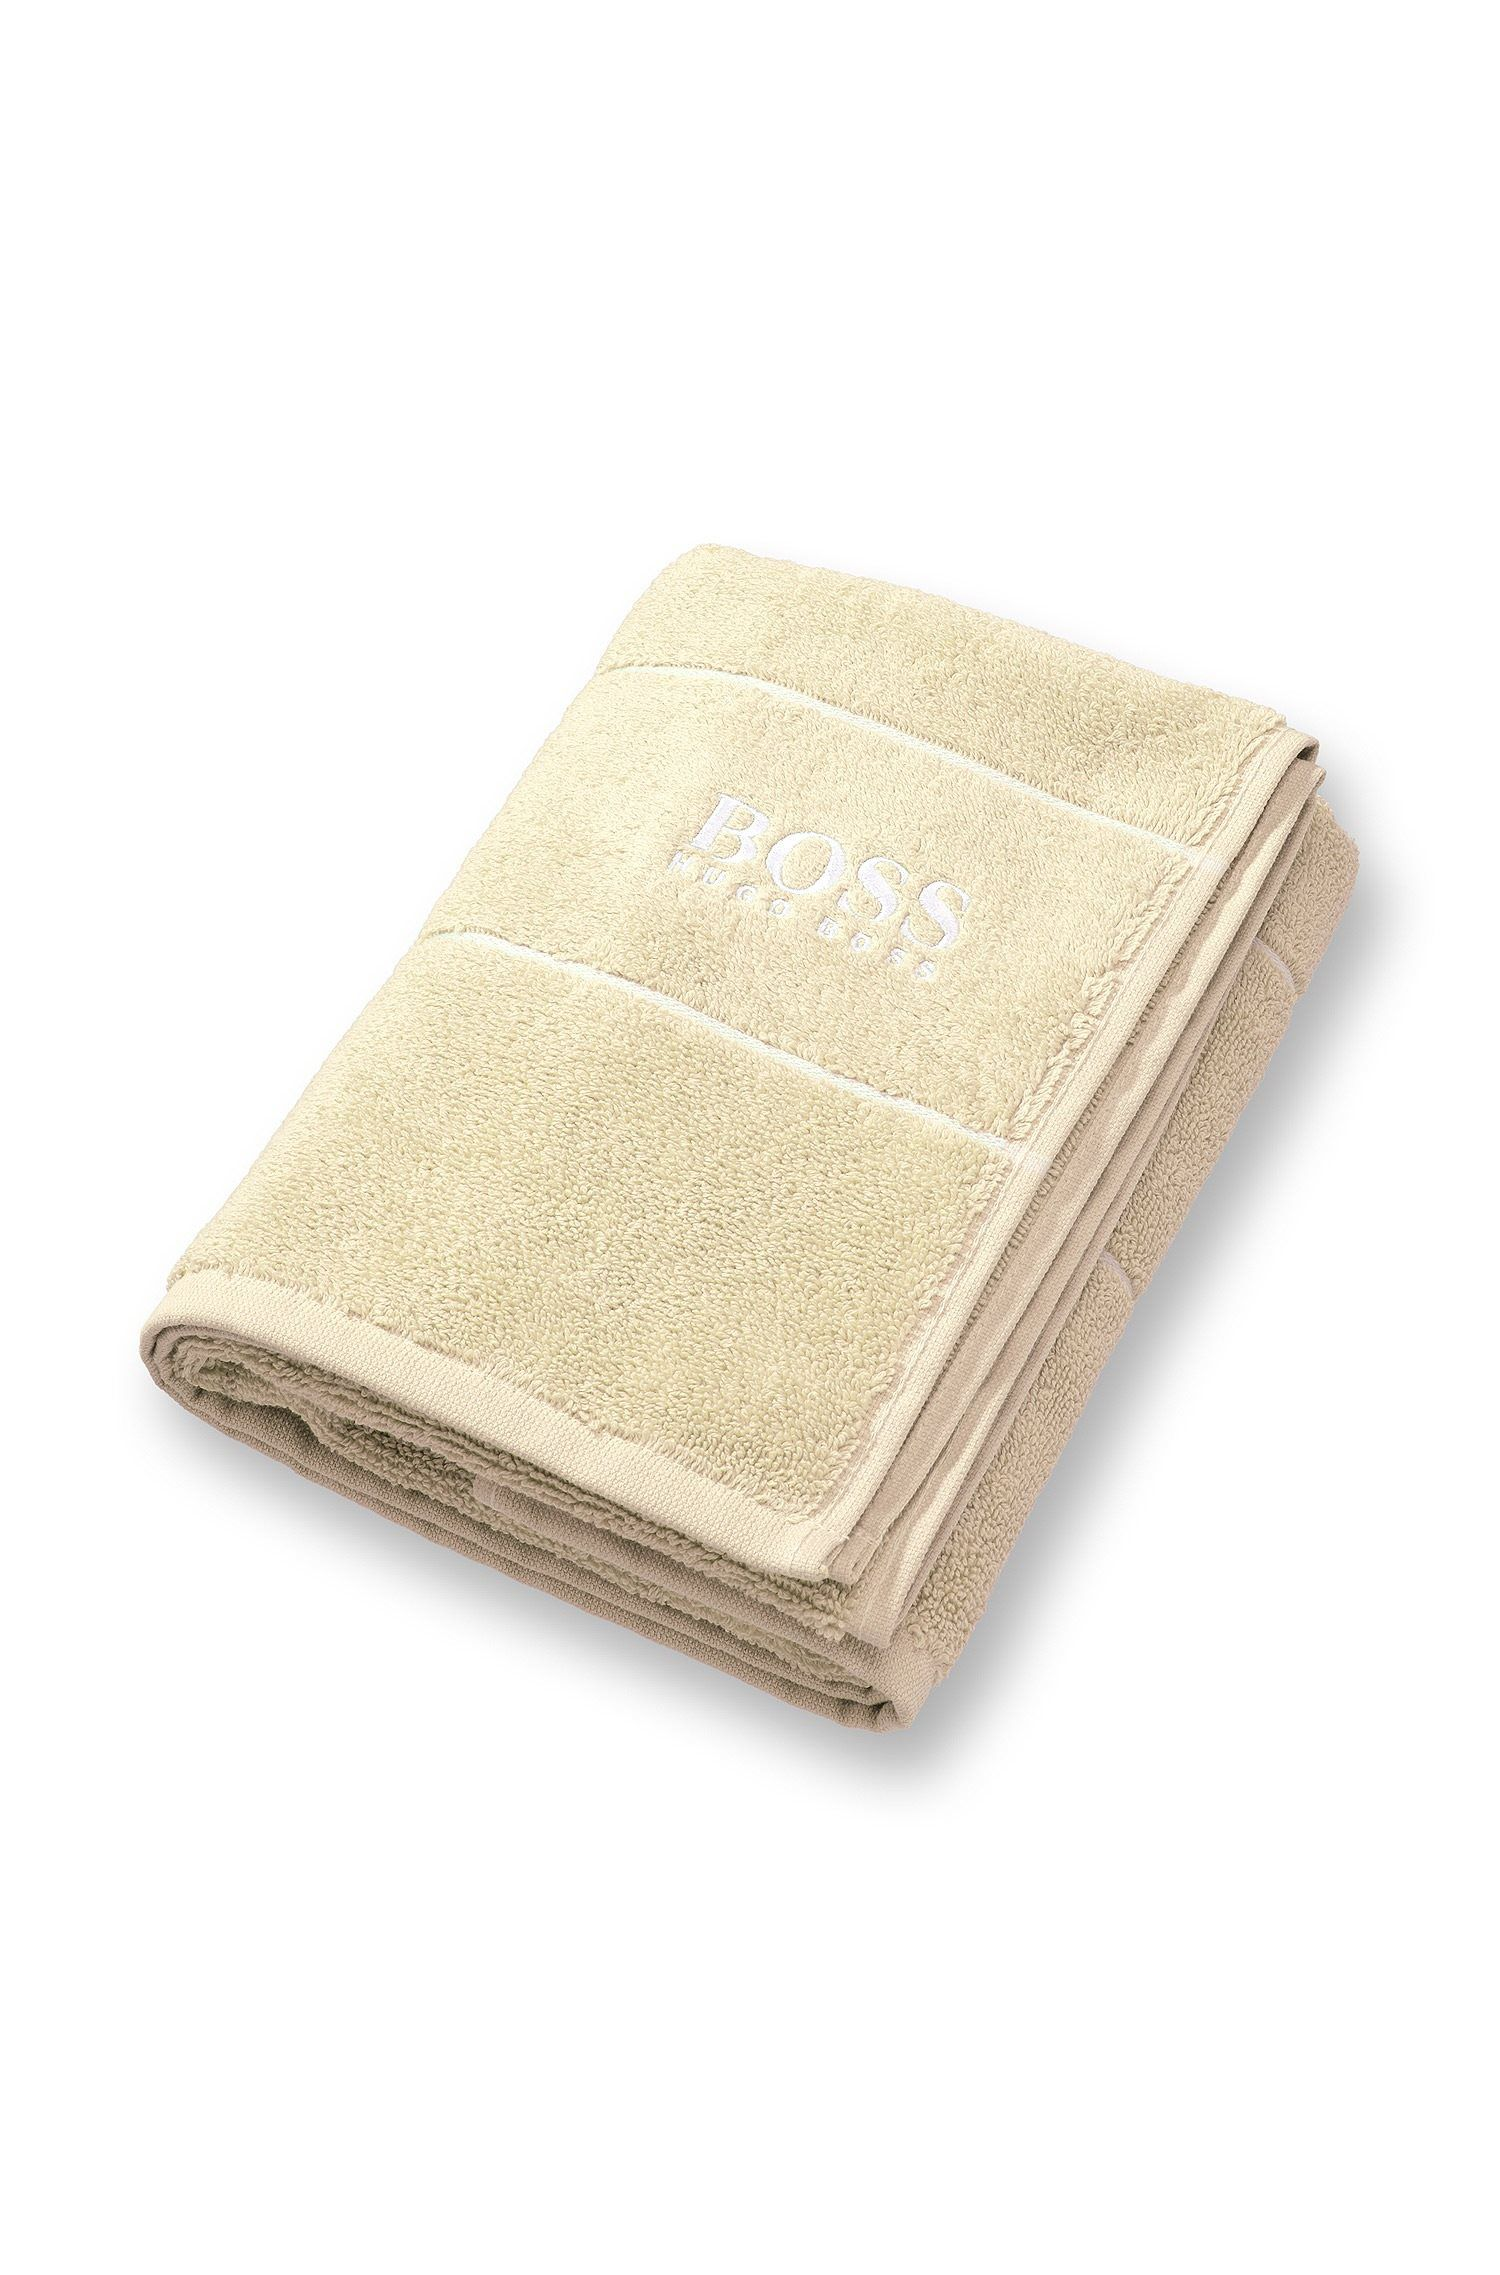 Handtuch ´PLAIN Serviette toile` aus Baumwoll-Frottee